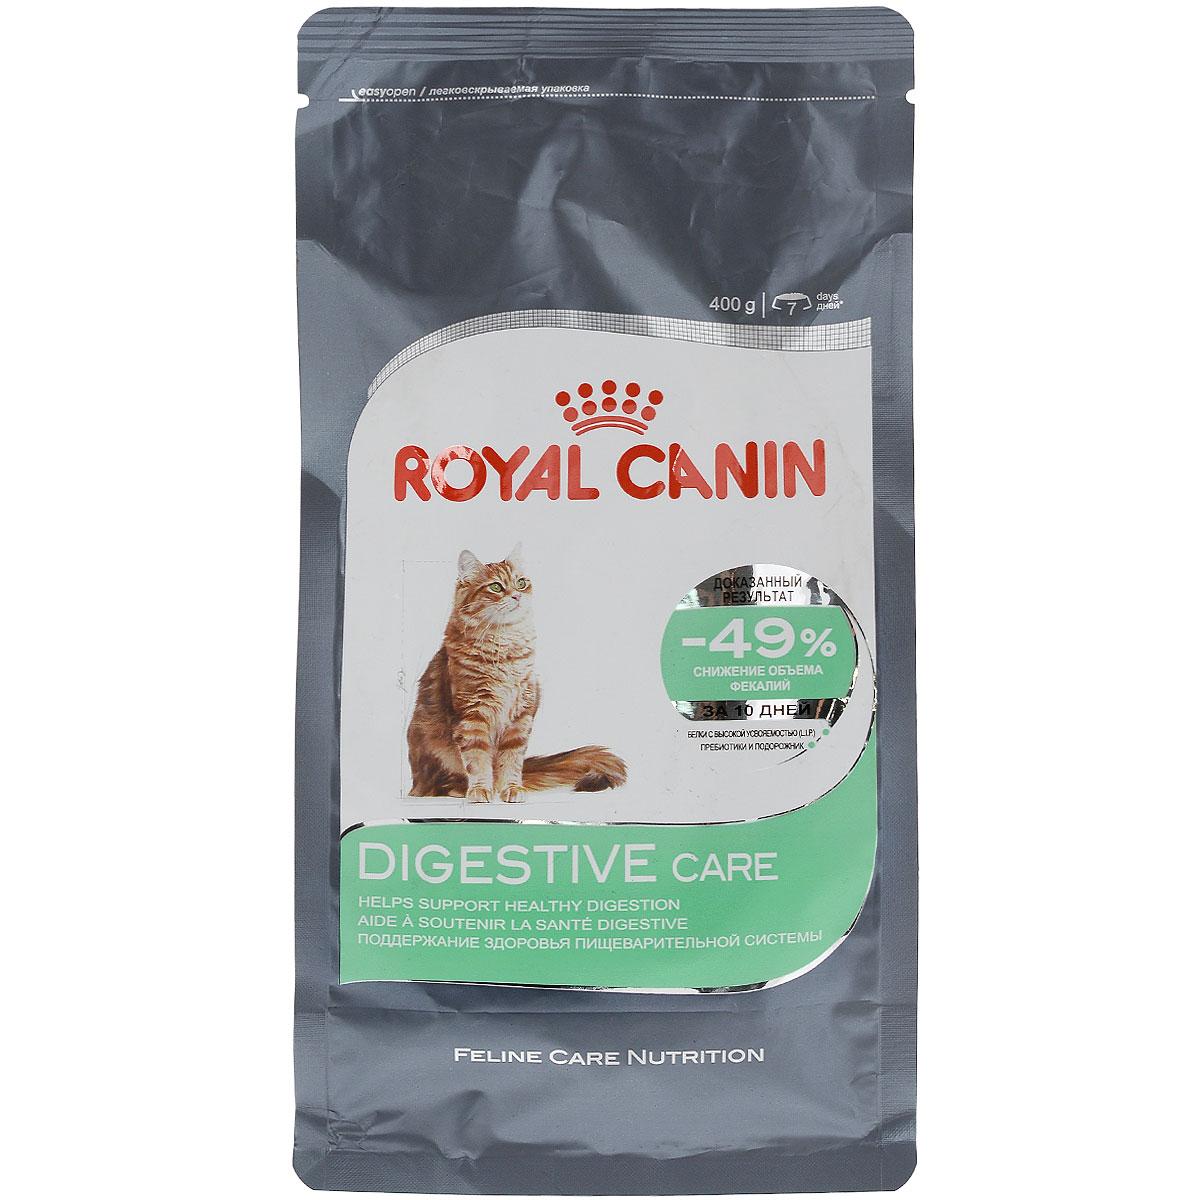 Корм сухой Royal Canin Digestive Care, для взрослых кошек с чувствительным пищеварением, 400 г59039Сухой корм Royal Canin Digestive Care - это полнорационный сбалансированныйкорм для кошек с расстройствами пищеварительной системы. По своей природе кошки регулярно потребляют небольшое количество пищи в течение дня. Однако, некоторые из них способны съесть достаточно большую порцию за короткое время, что может привести к пищеварительному расстройству и срыгиванию.Специальные крокеты разработаны для того, чтобы стимулировать тщательное пережевывание корма и предотвратить его заглатывание, что предотвратит срыгивание пищи.Формула специально разработана для того, чтобы способствовать оптимальному усвоению продукта и облегчить процесс пищеварения. В дальнейшем это приведет к уменьшению объема фекалий.Уход за ЖКТ-это точно сбалансированная питательная формула, которая помогает поддерживать здоровье пищеварительной системы.С двойным действием: - Легко усваивается: пищеварительная формула содержит белки чрезвычайно высокой усвояемости (L.I.P). В его основе лежит смесь пребиотиков (ФОС: фрукто-олиго-сахаридов) и волокон (в том числе подорожника). Эти компоненты способствуют оптимальному усвоению продукта и регулируют транзит пищи по кишечнику кошки. - Благодаря уникальной текстуре и форме крокет кошка тщательнее разгрызает корм, а не заглатывает его целиком, что позволяет увеличить время приема пищи. Тщательное разжевывание помогает сократить риск срыгивания и подготавливает пищу к перевариванию.Доказанные результаты: Объем фекалий снижается на 49% через 10 дней при кормлении исключительно продуктом DIGESTIVE CARE, благодаря улучшению пищеварения и усвоения питательных веществ.Содержит баланс минералов для поддержания здоровья мочевыводящих путей взрослой кошки. Состав: изолят растительного белка, пшеничная мука, рис, обезвоженная рыба, животные жиры, дегидратированный белок мяса птицы, гидролизат белков животного происхождения, кукурузный глютен, кукурузная мука, растительны